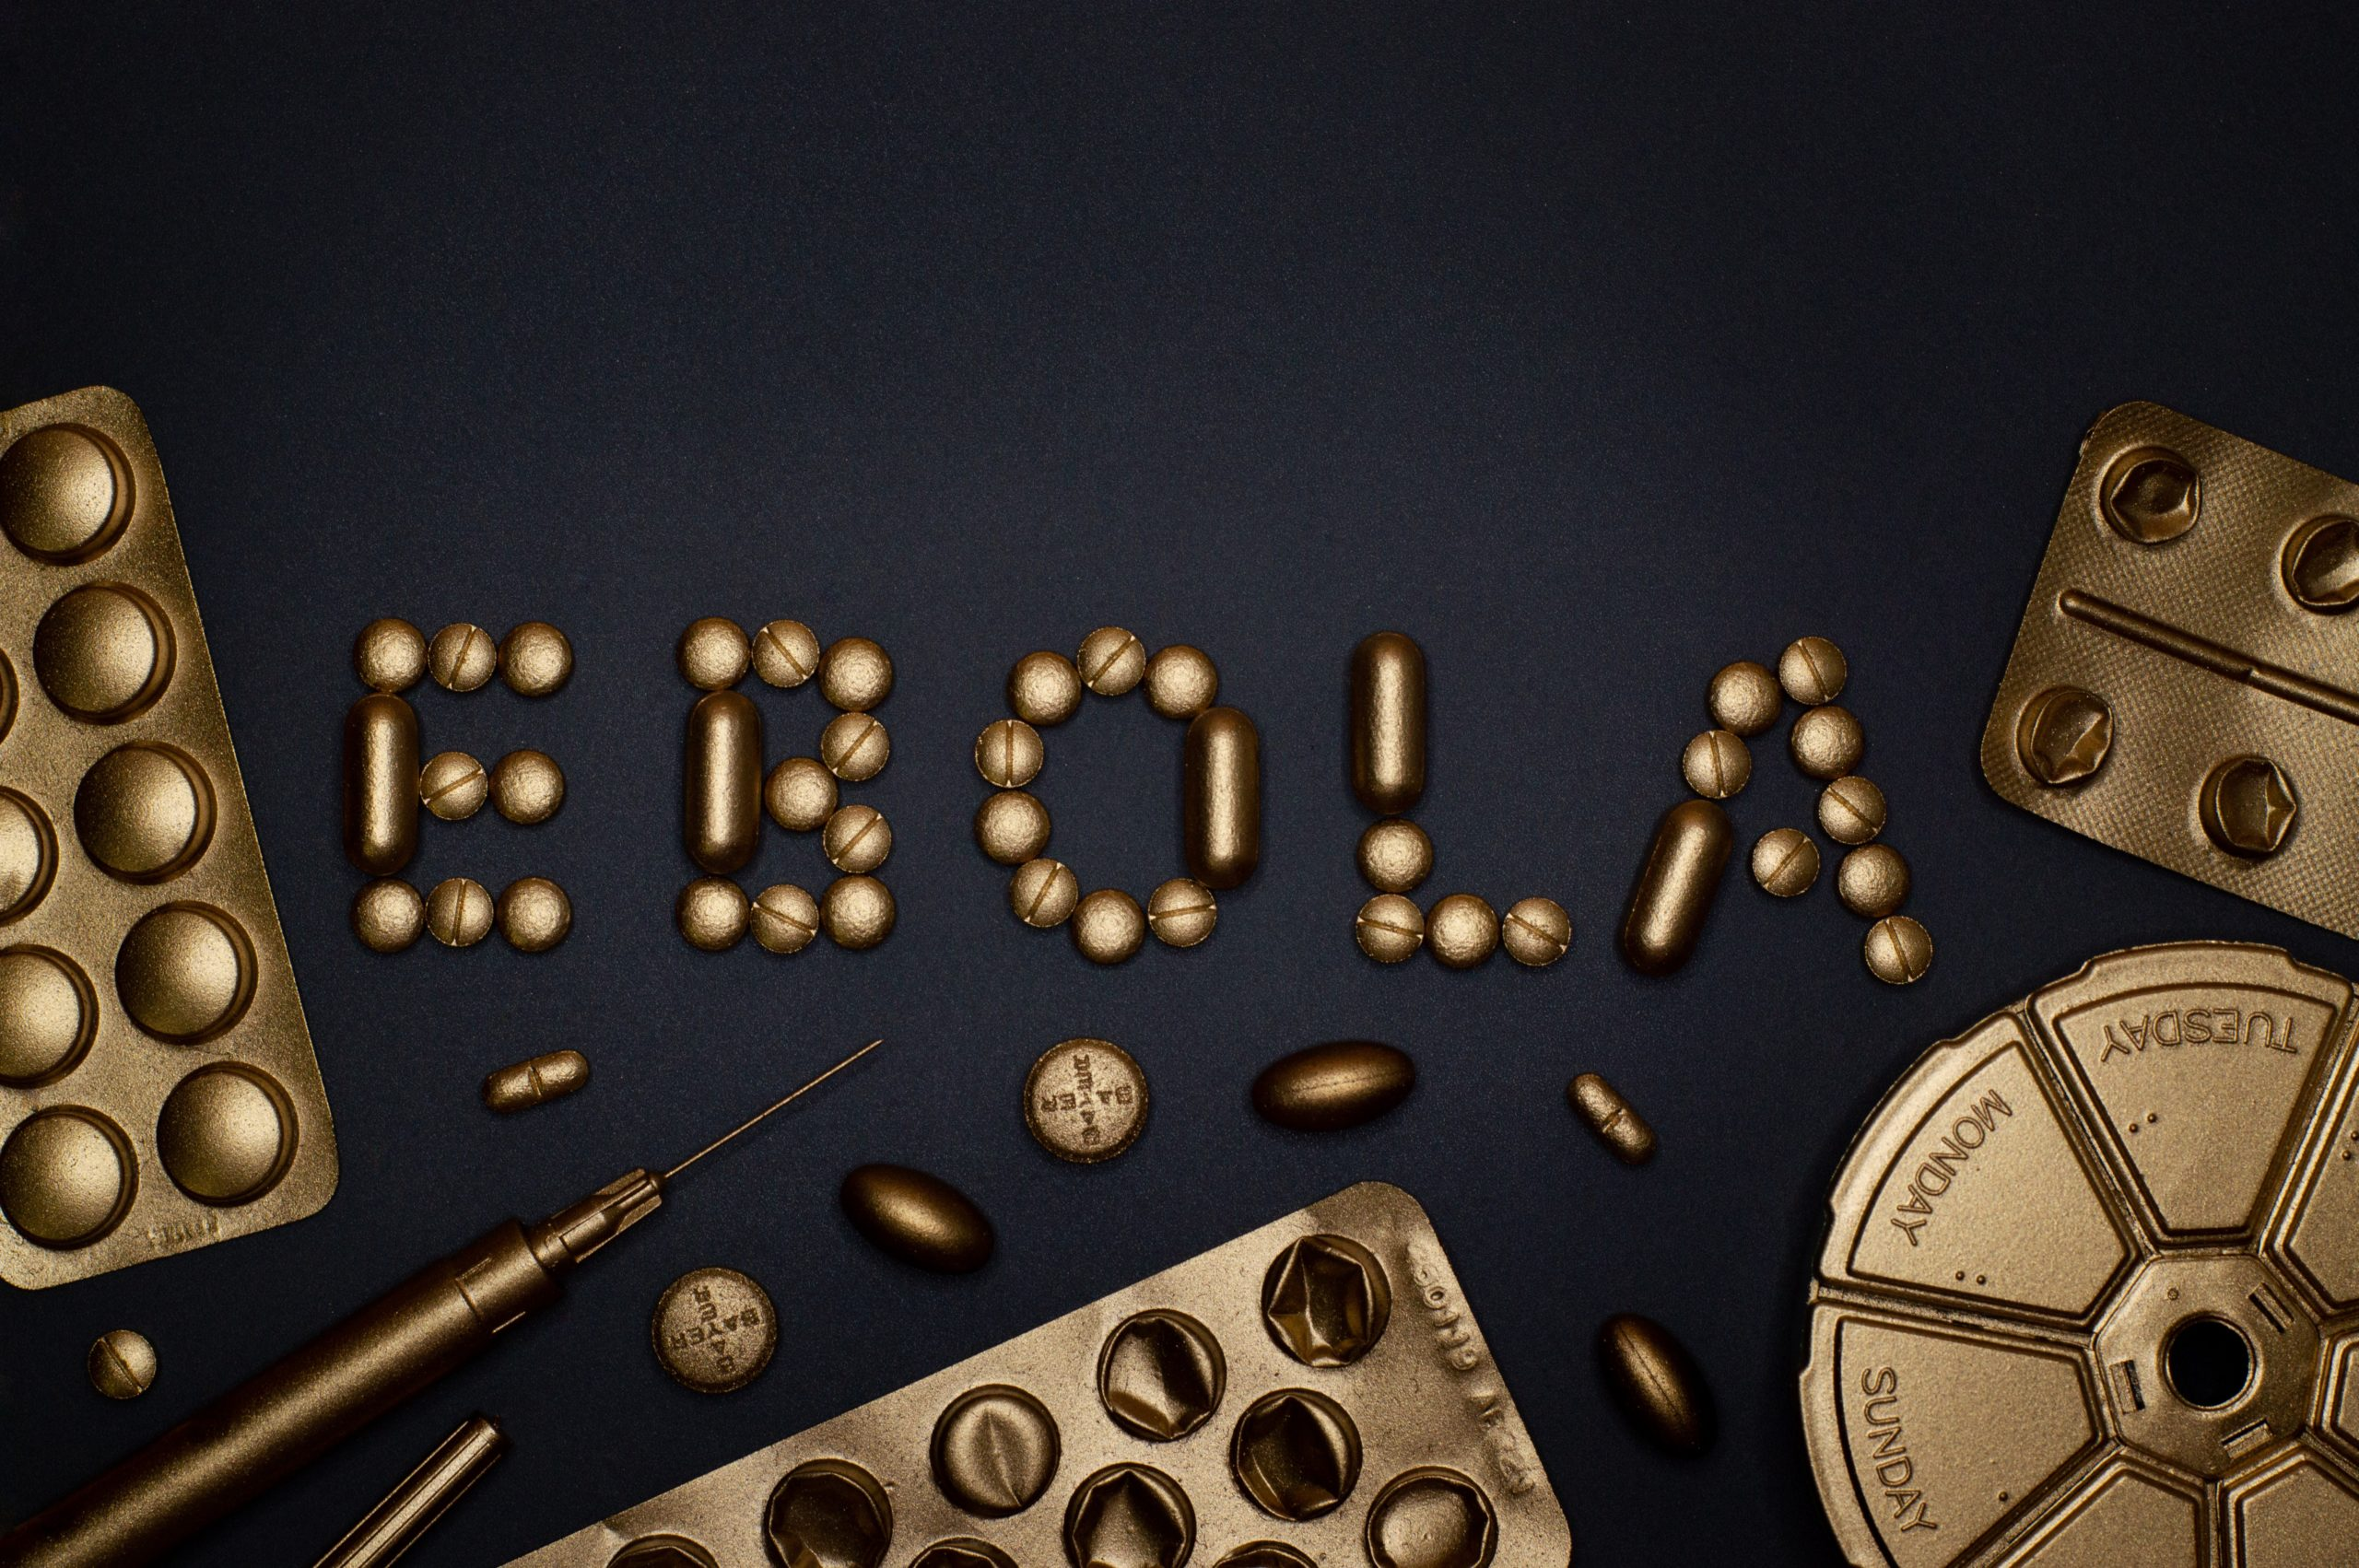 O vírus Ebola foi descoberto em Guiné, na África. O país passou a enfrentar duas epidemias ocasionadas pela doença. (Foto: Pexels)